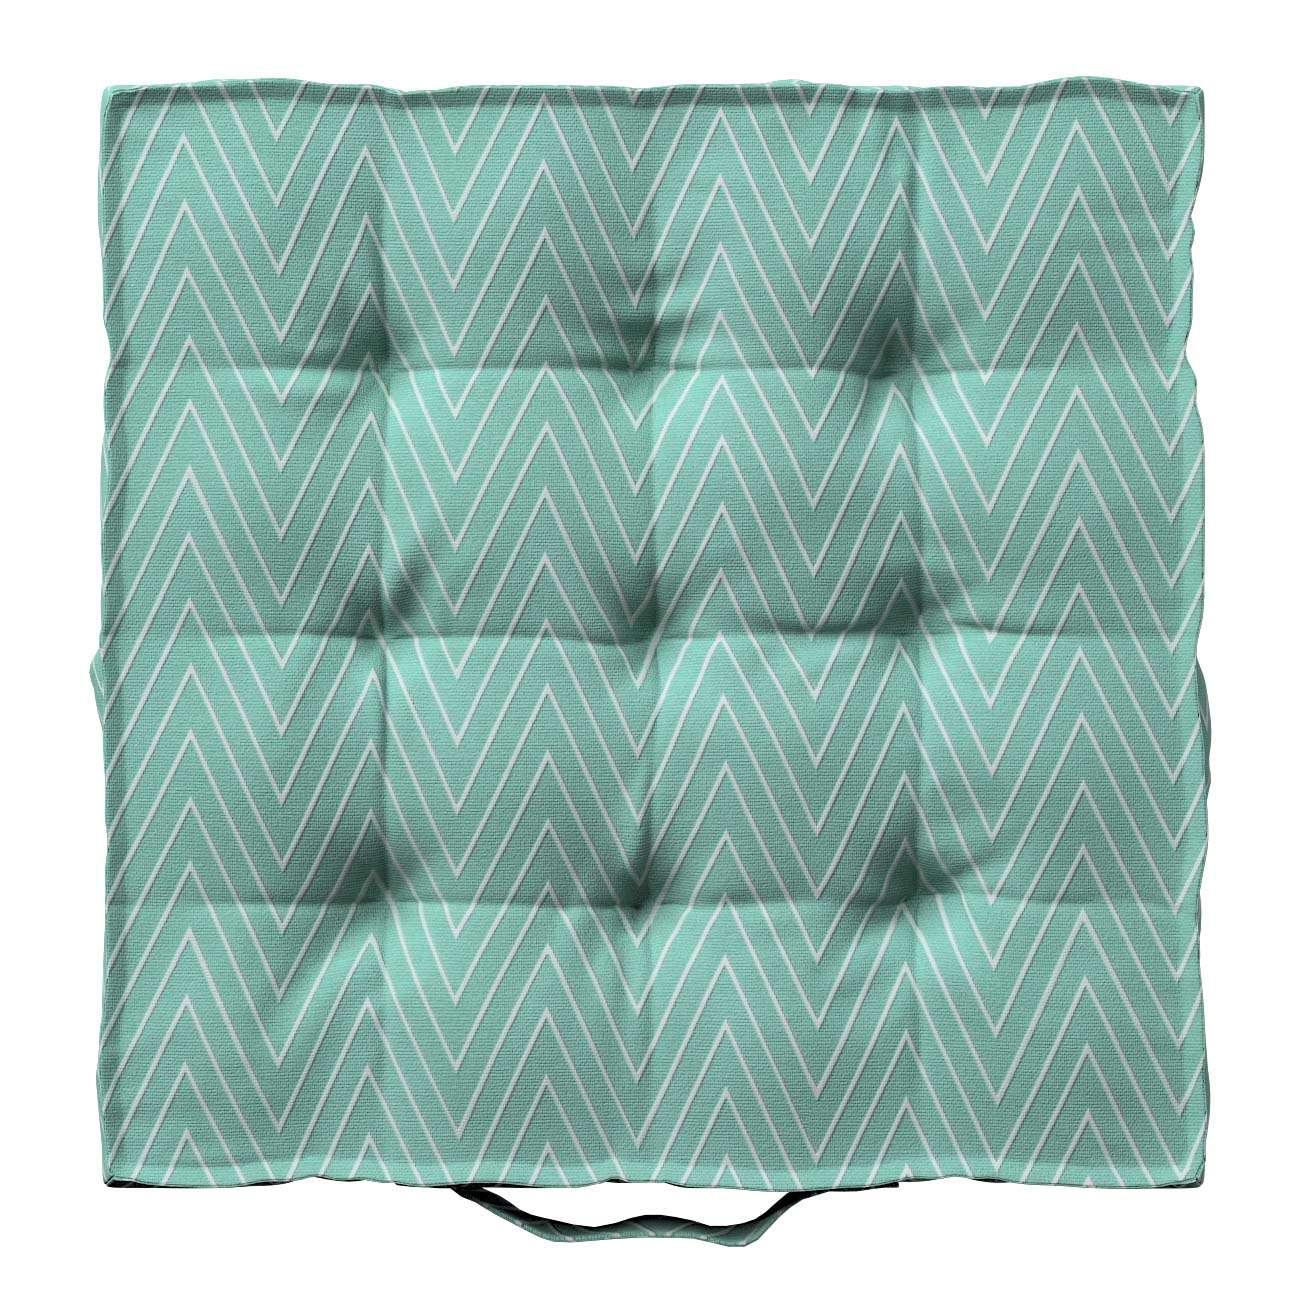 Pagalvėlė Kuba kėdei/ant grindų 40 x 40 x 6 cm kolekcijoje Brooklyn, audinys: 137-90